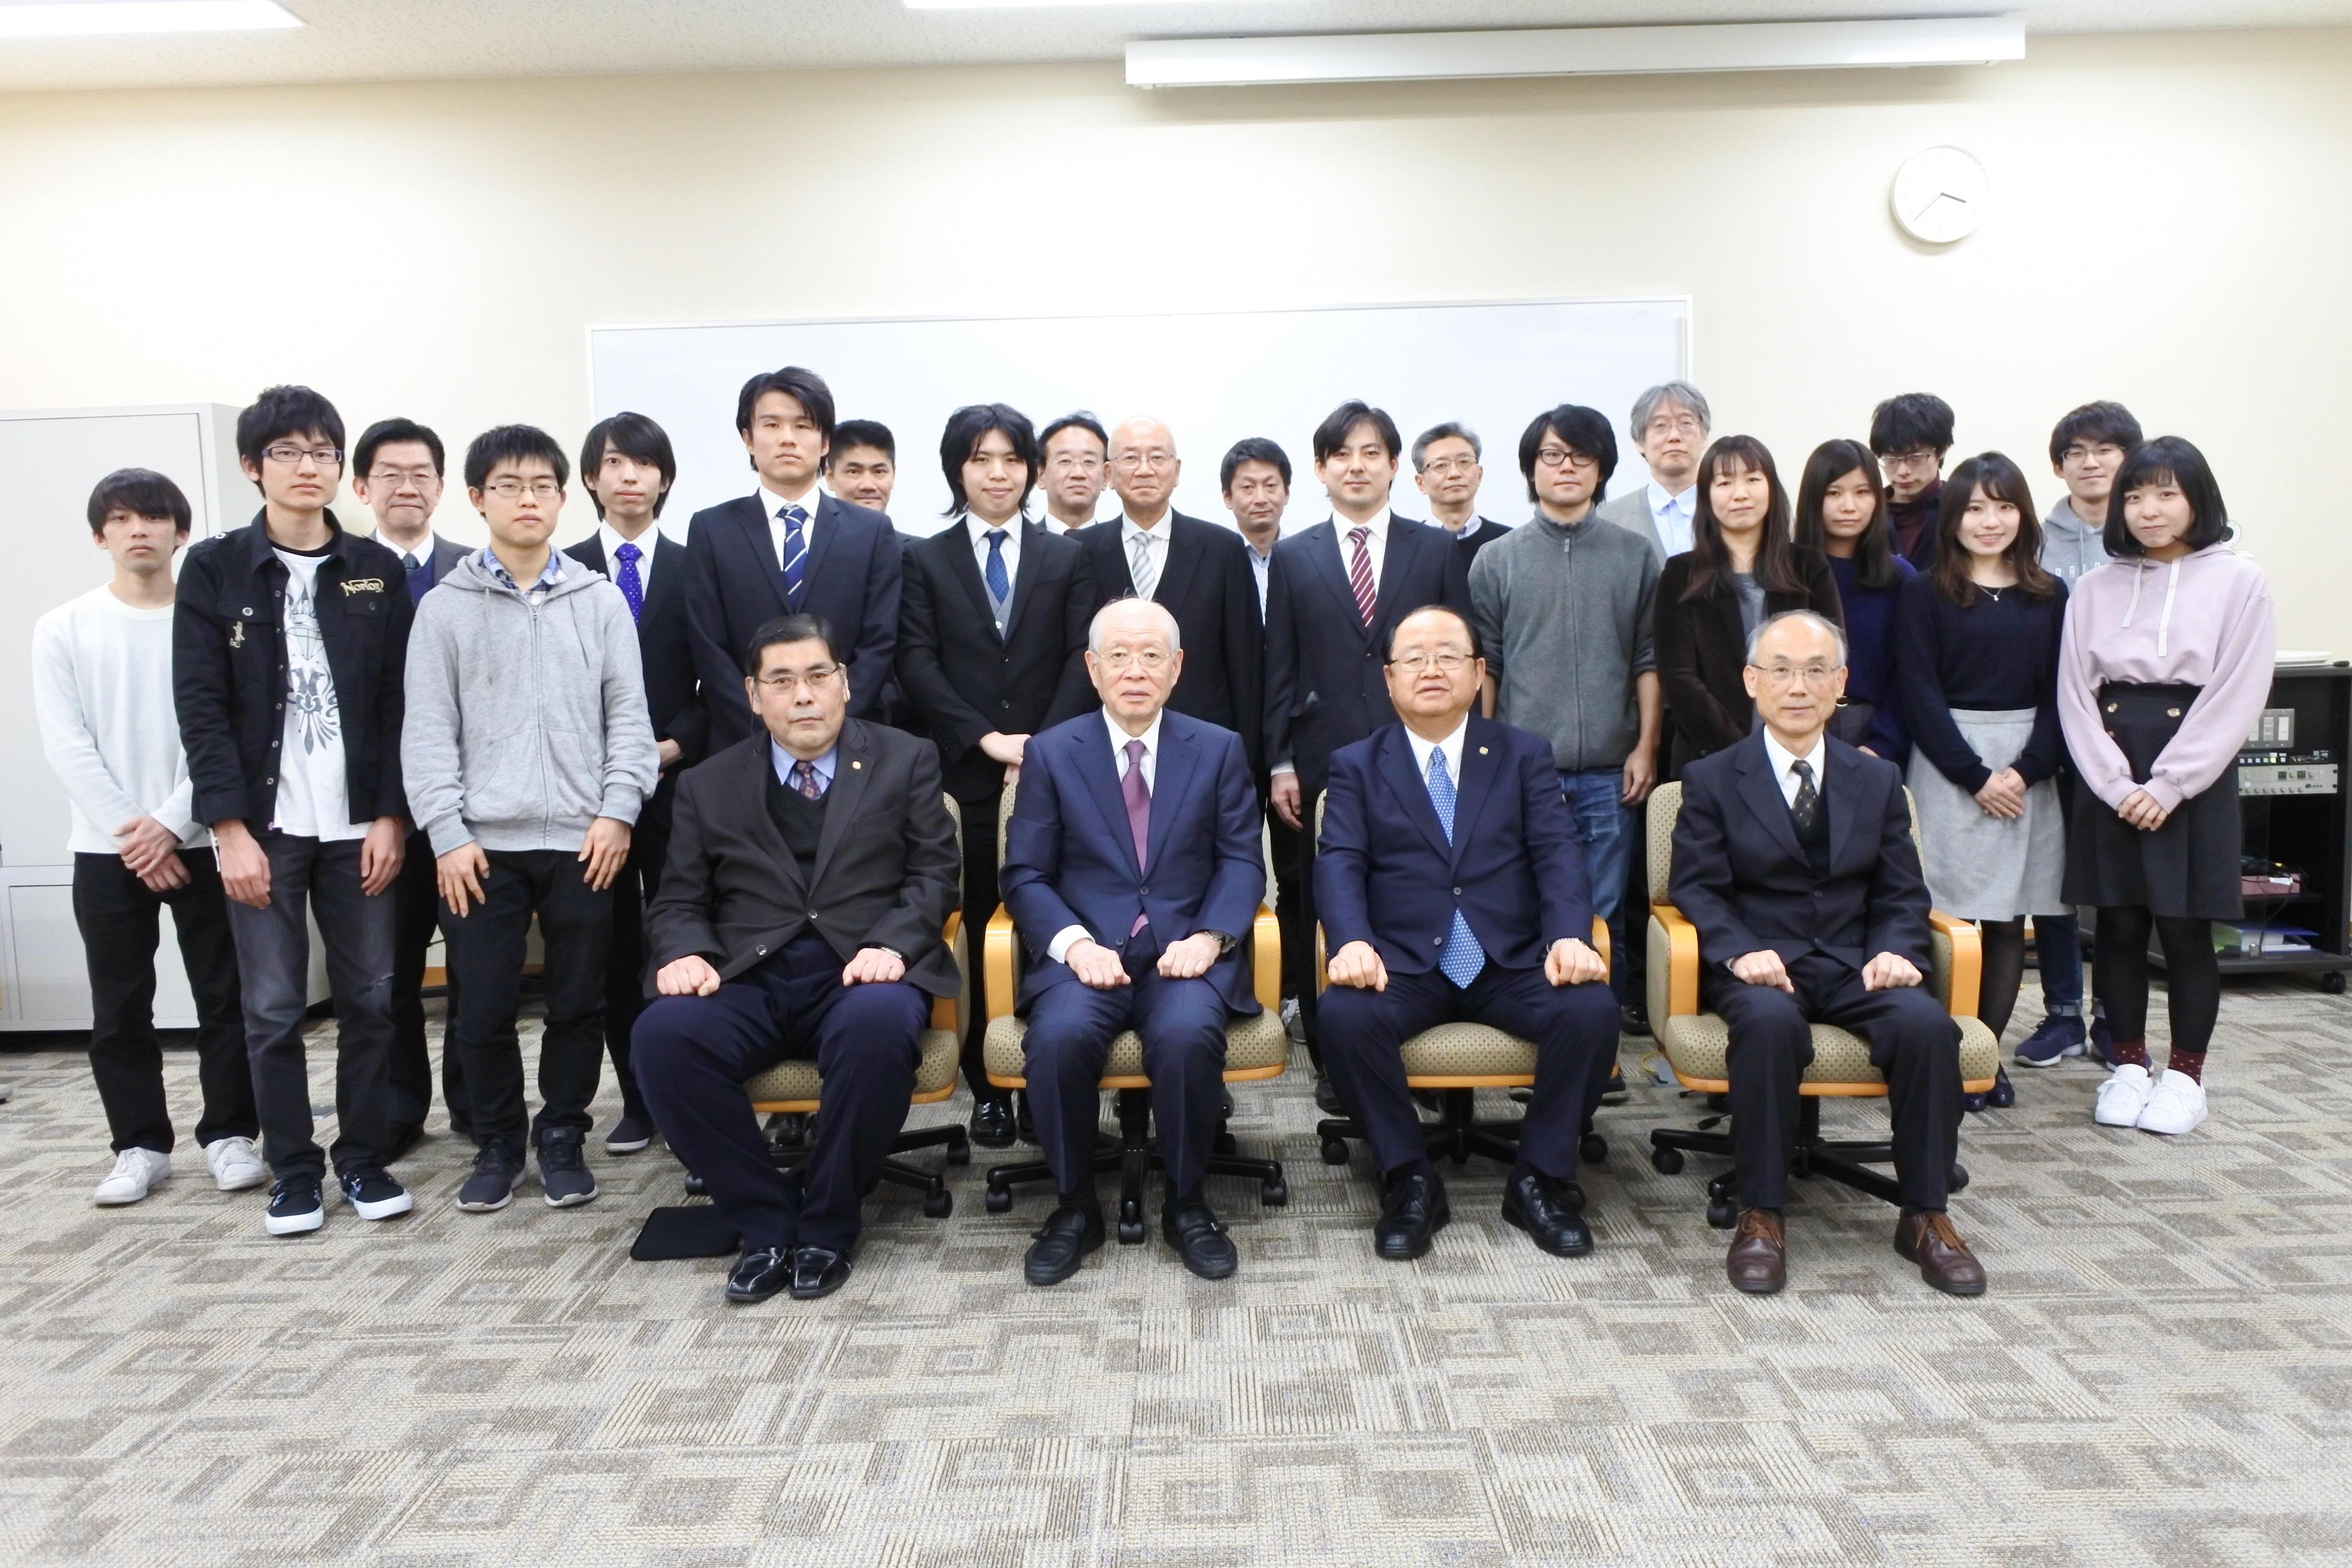 野依客員教授(前列左から2人目)と一緒に写真に納まる立花貞司理事長(同3人目)ら参加者